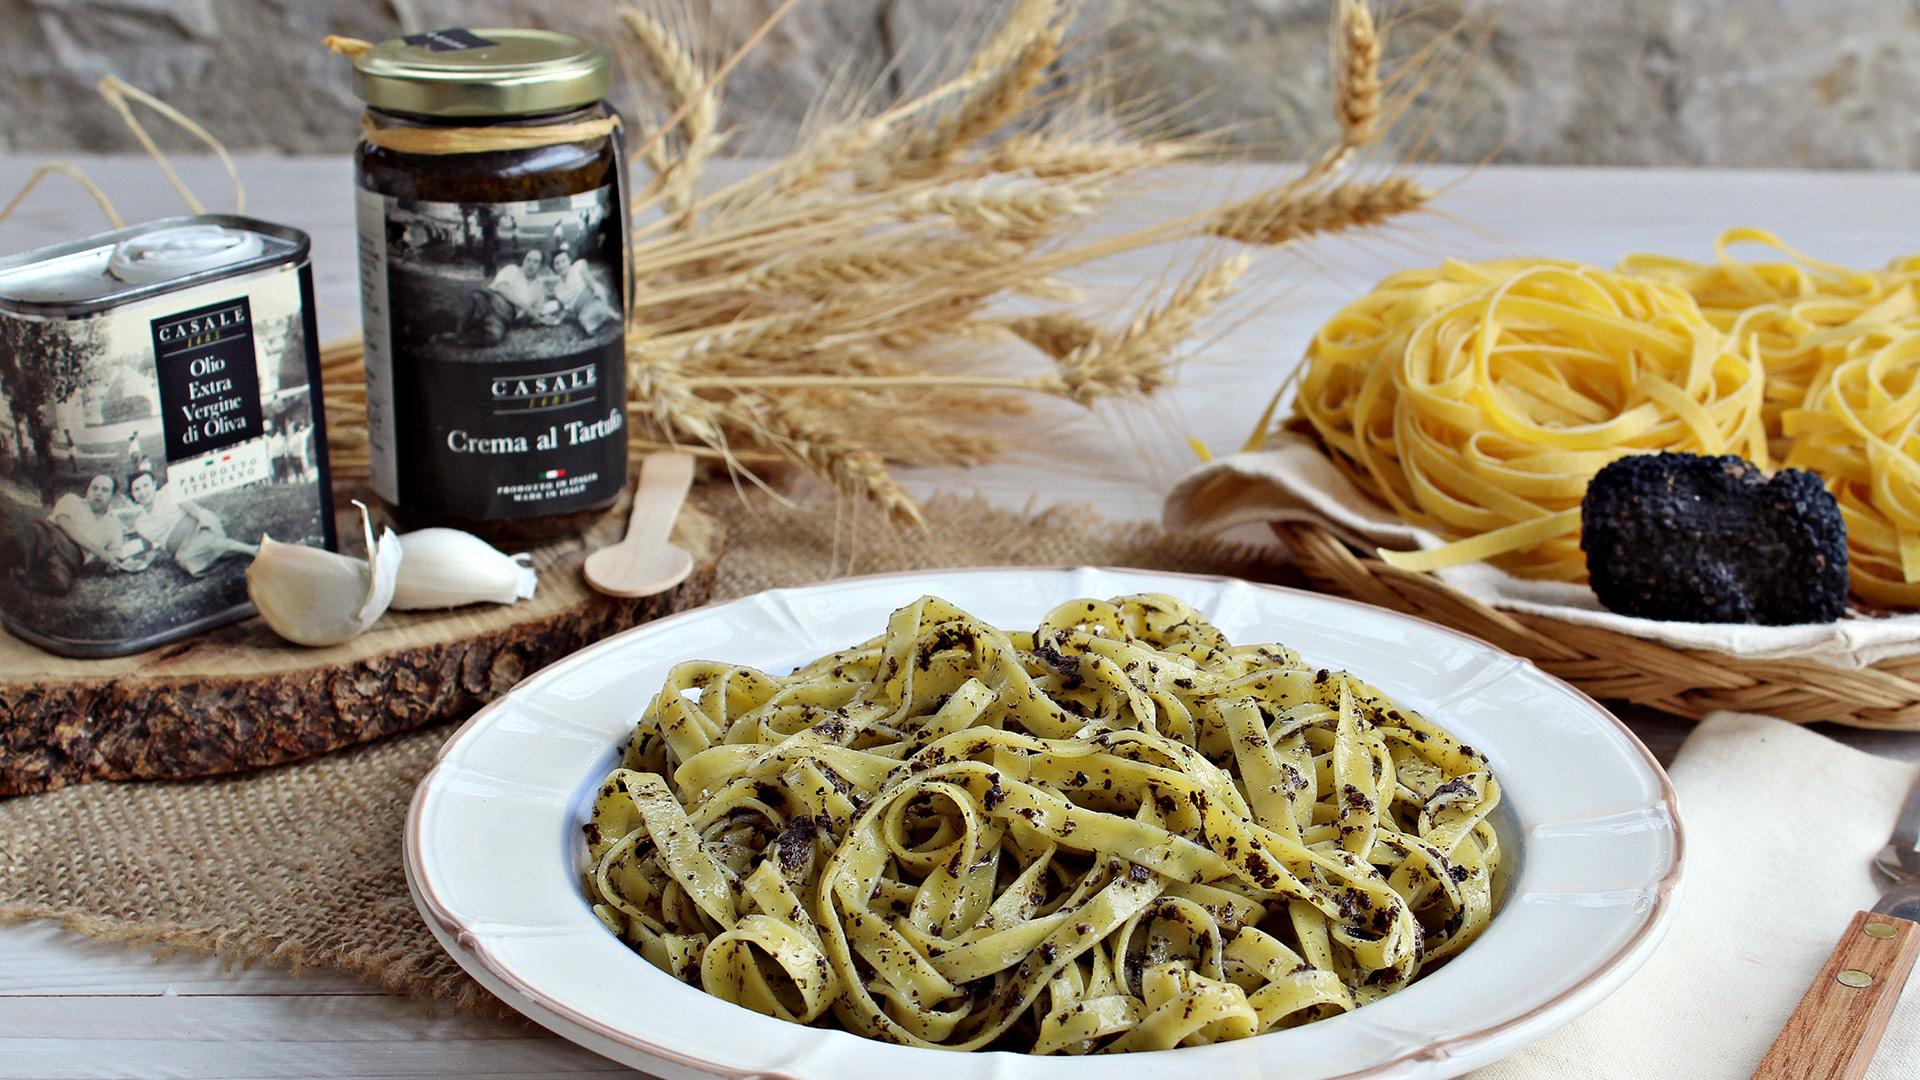 Scopri tante ricette per gustare al meglio i prodotti di Casale 1485